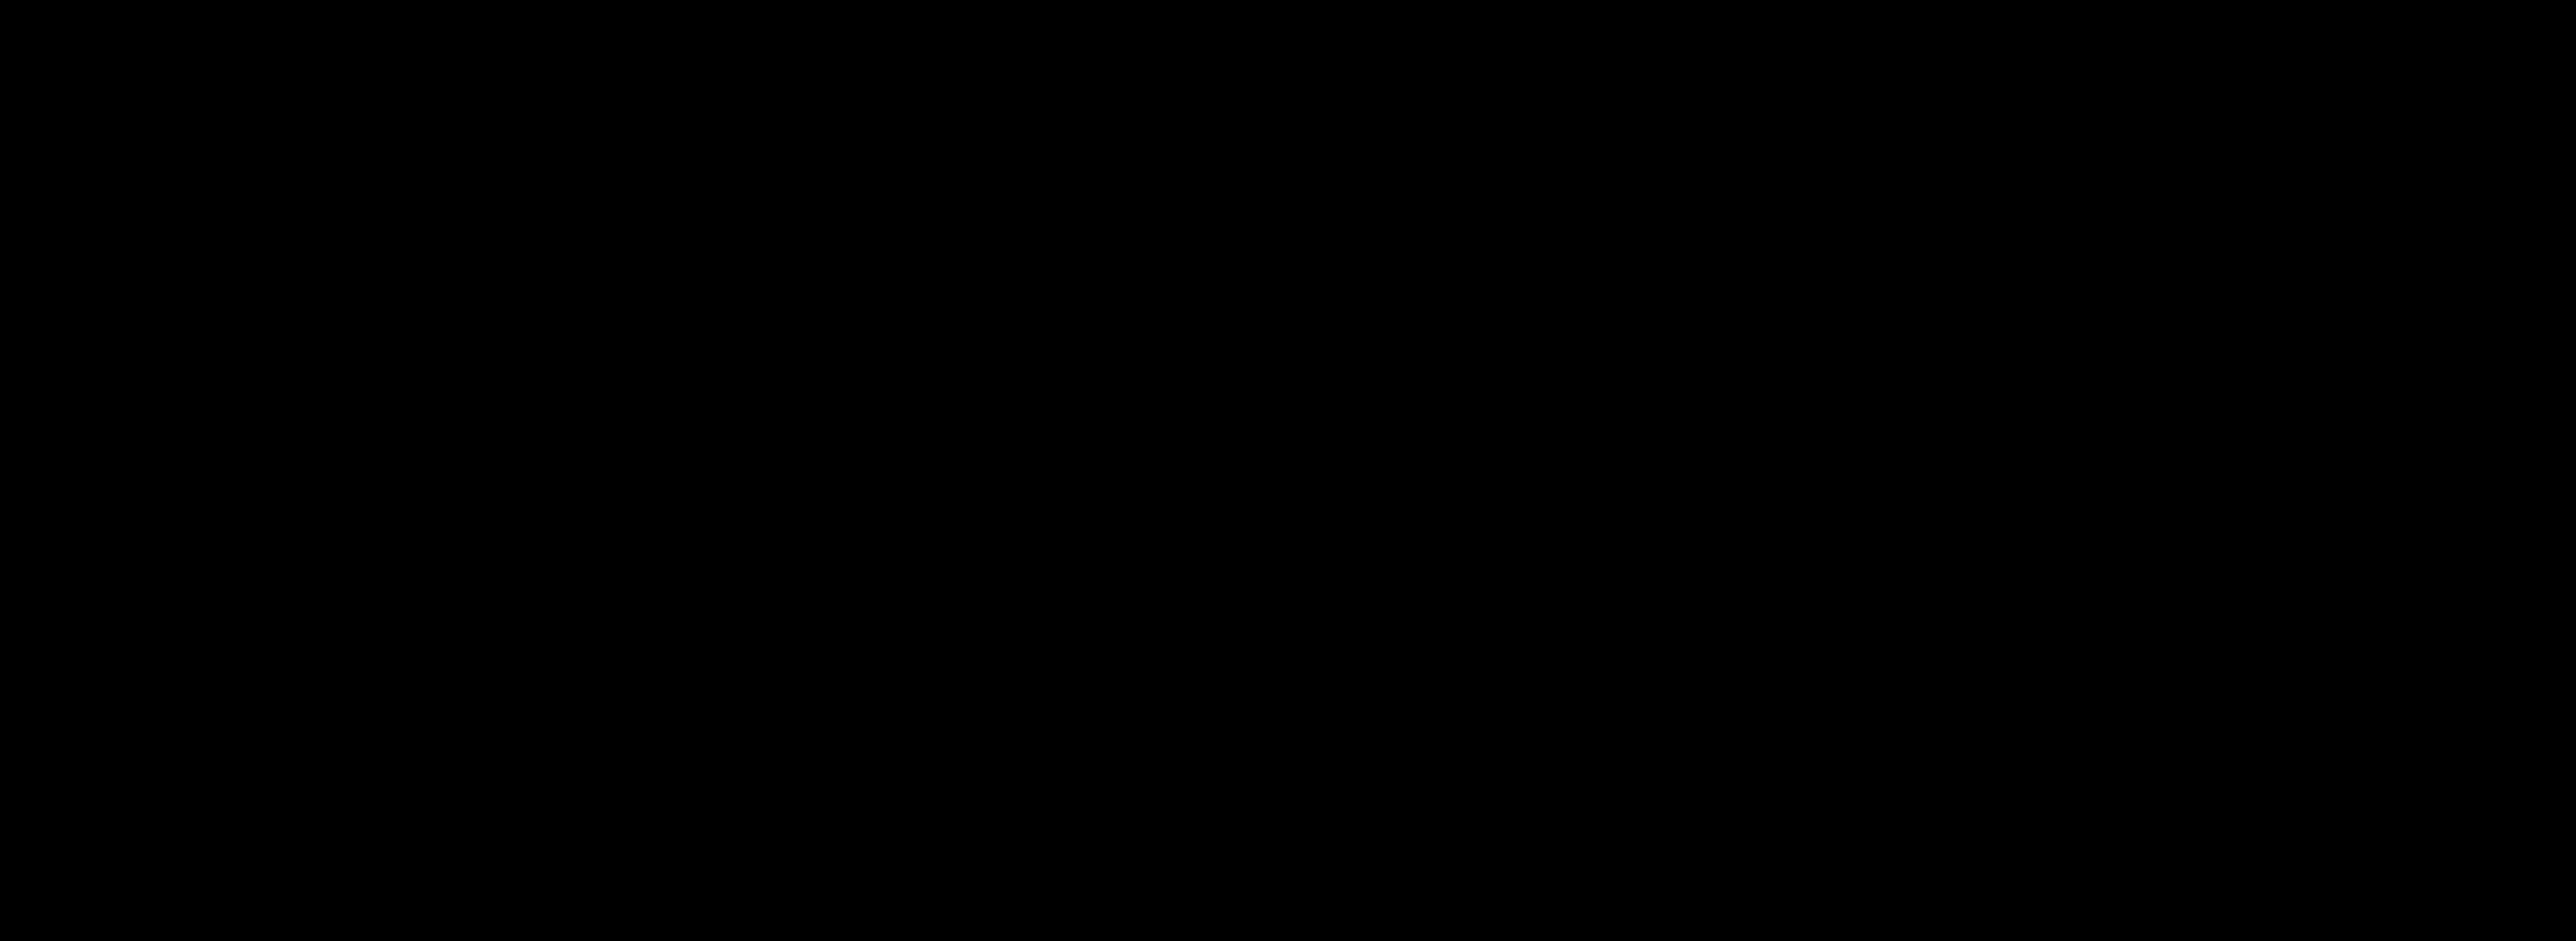 Bosch Cashback Promotion 2019